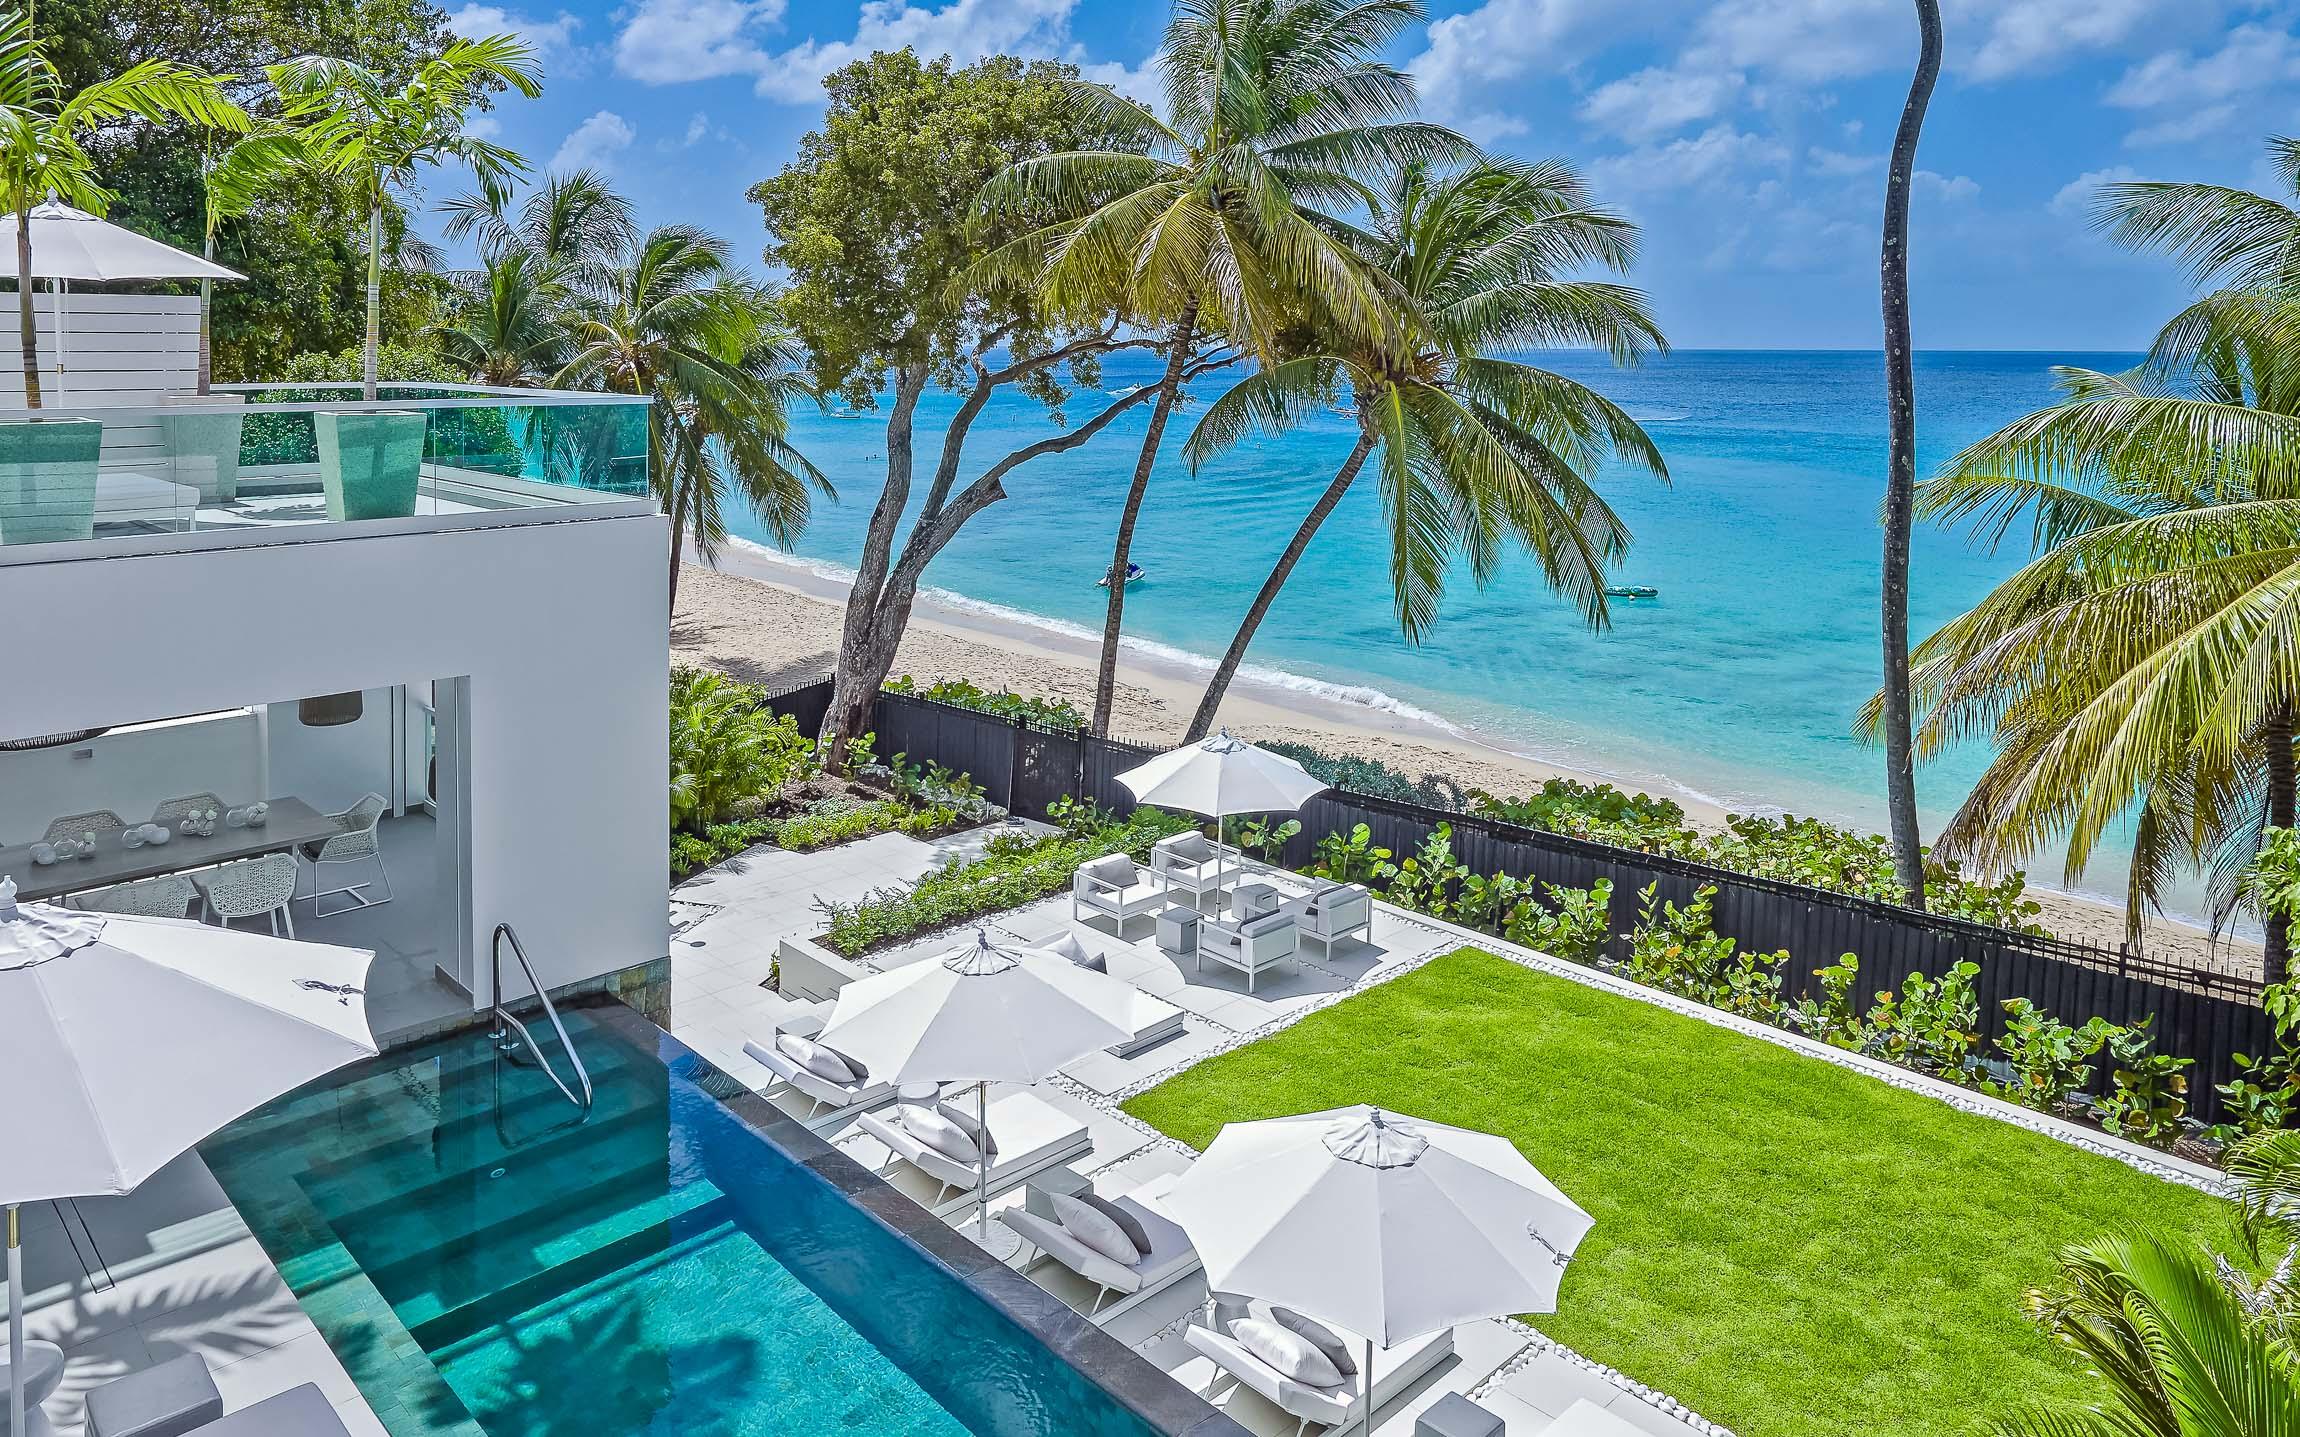 Kein Resort, sondern private Villa - zu buchen bei Luxury Retreats, was nun zu Airbnb gehört